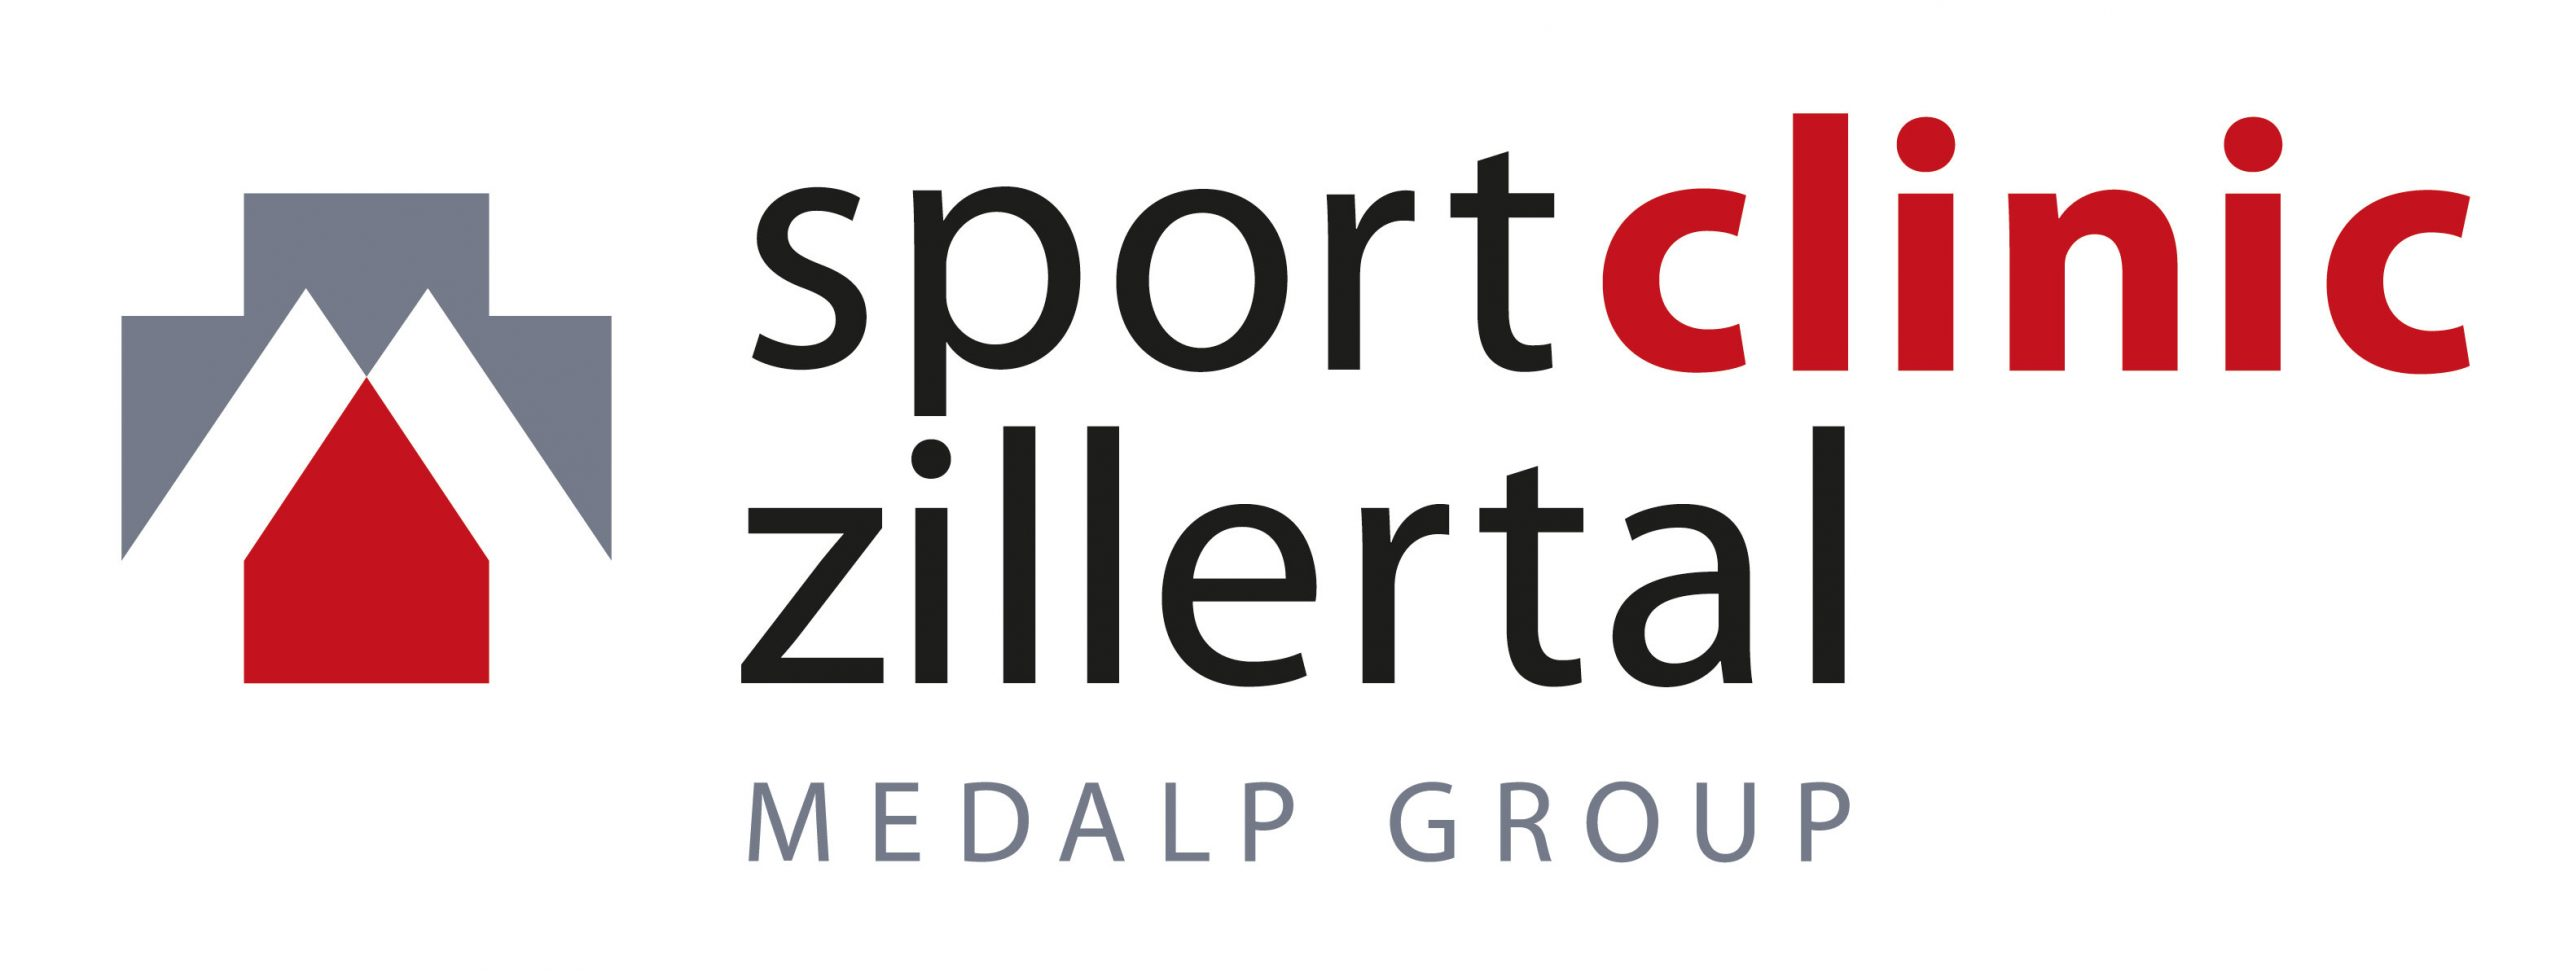 sportclinic-zillertal-logo